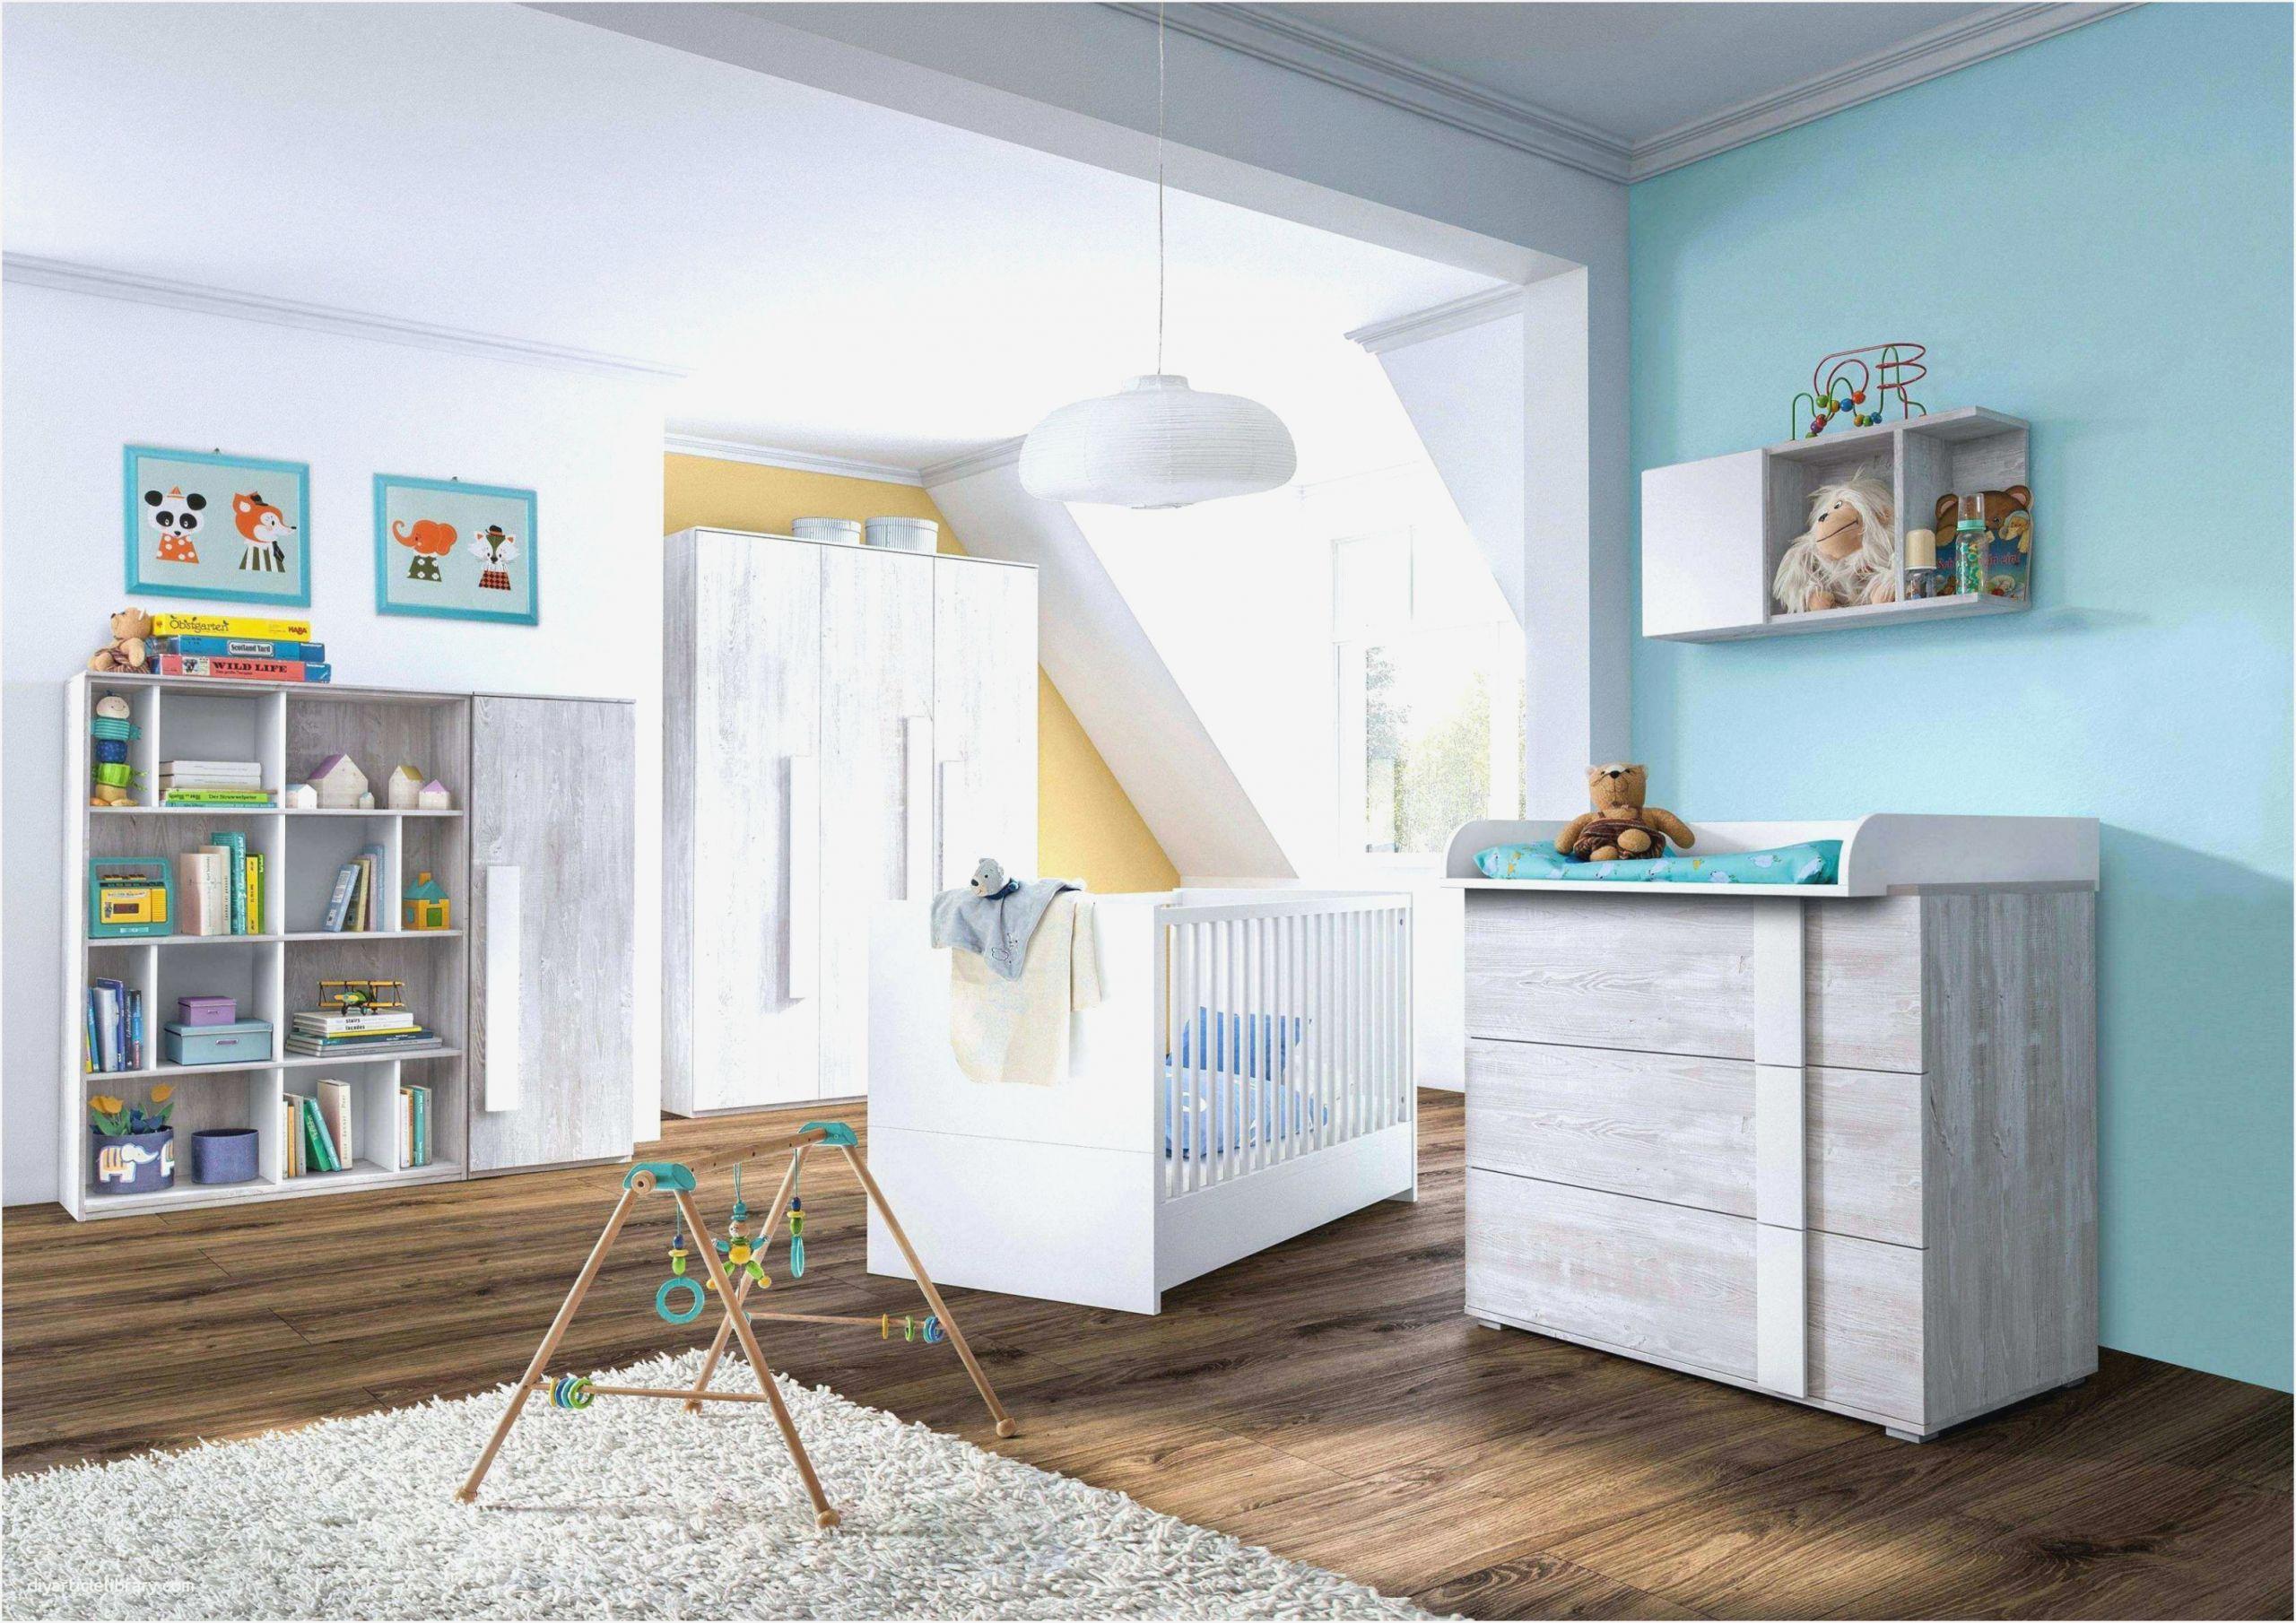 Full Size of Kleines Kinderzimmer Junge Einrichten Traumhaus Regal Weiß Kleine Küche Regale Badezimmer Sofa Kinderzimmer Kinderzimmer Einrichten Junge